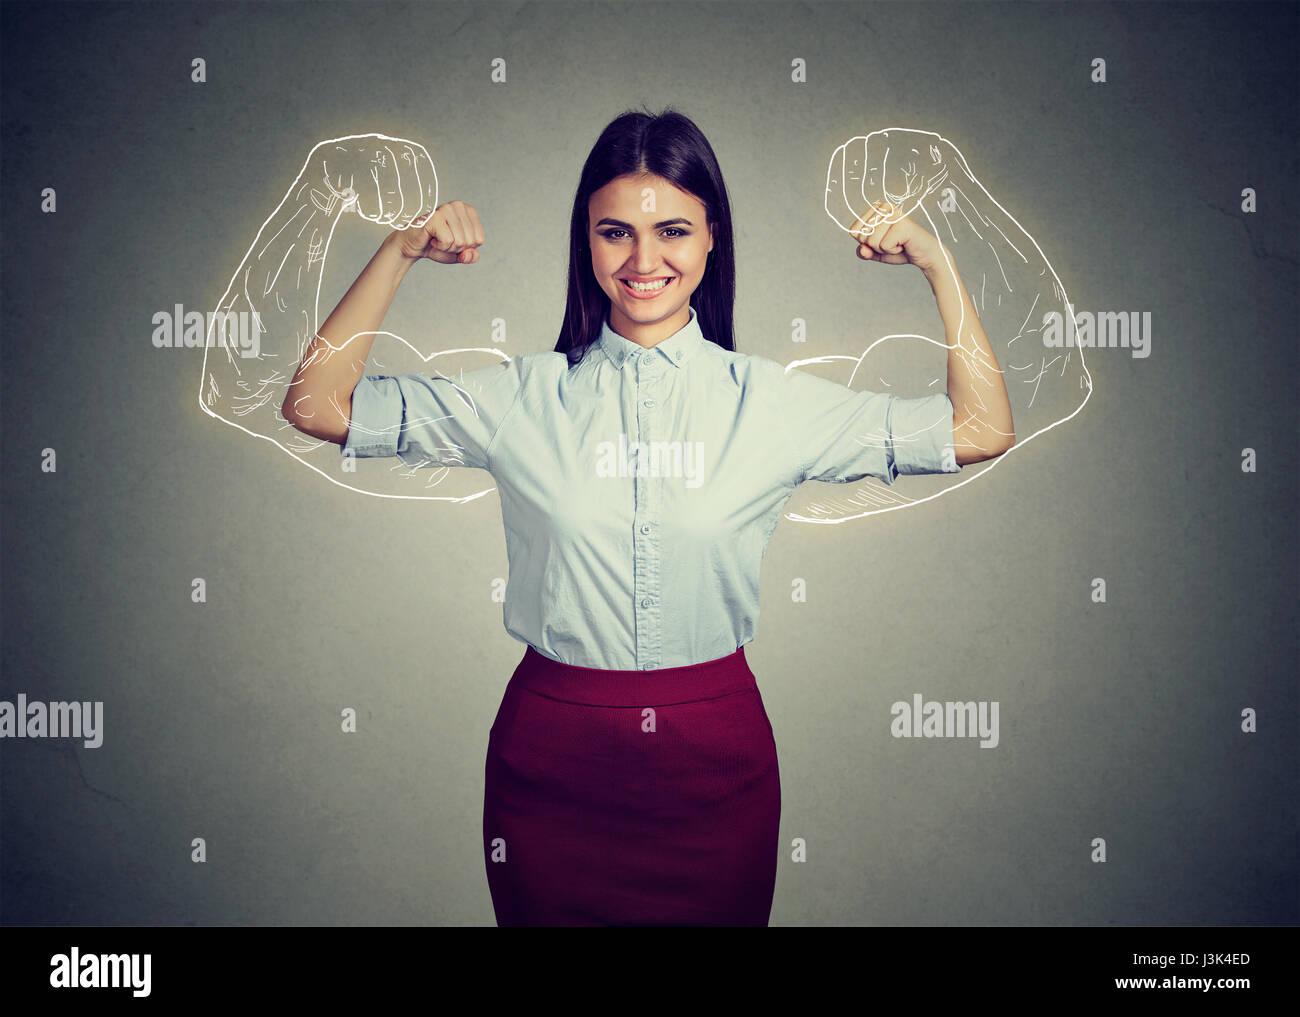 Potente seguros mujer flexionando sus músculos aislados en la pared gris de fondo. Expresiones de rostro humano, Imagen De Stock